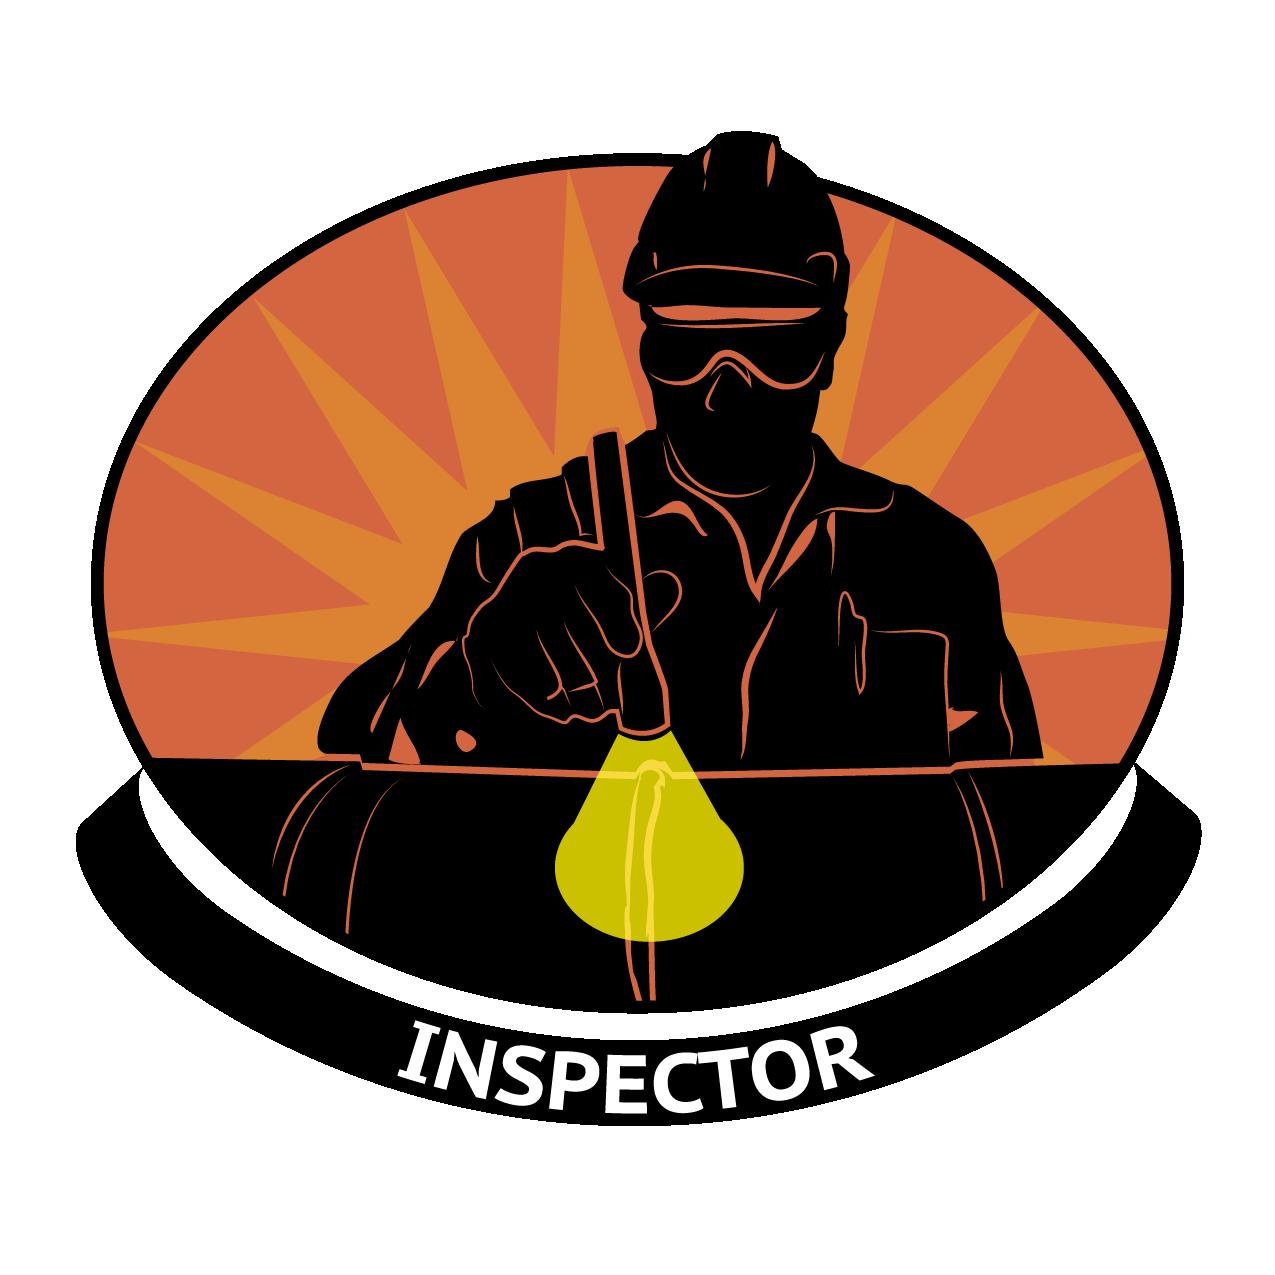 Pathway clipart career option. Welding inspector careers weldlink